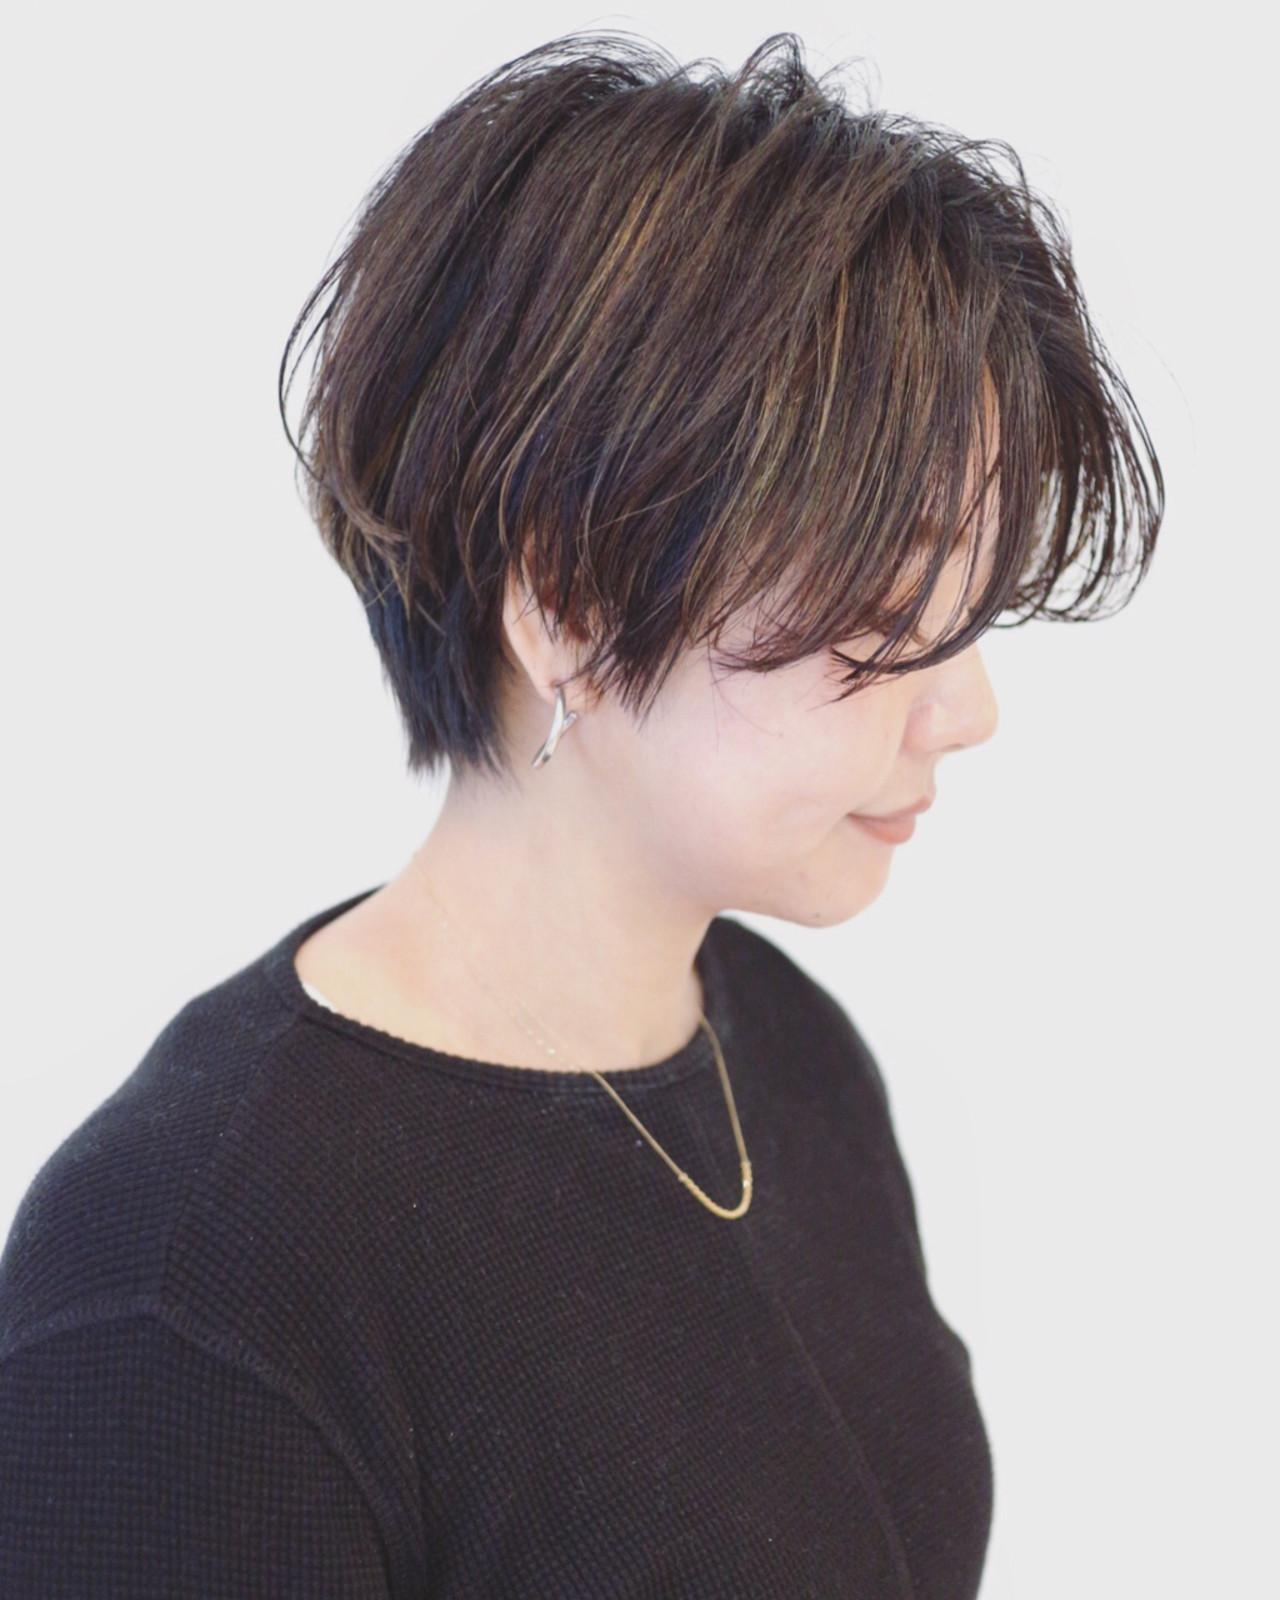 ストリート ブルーアッシュ 外国人風 暗髪 ヘアスタイルや髪型の写真・画像